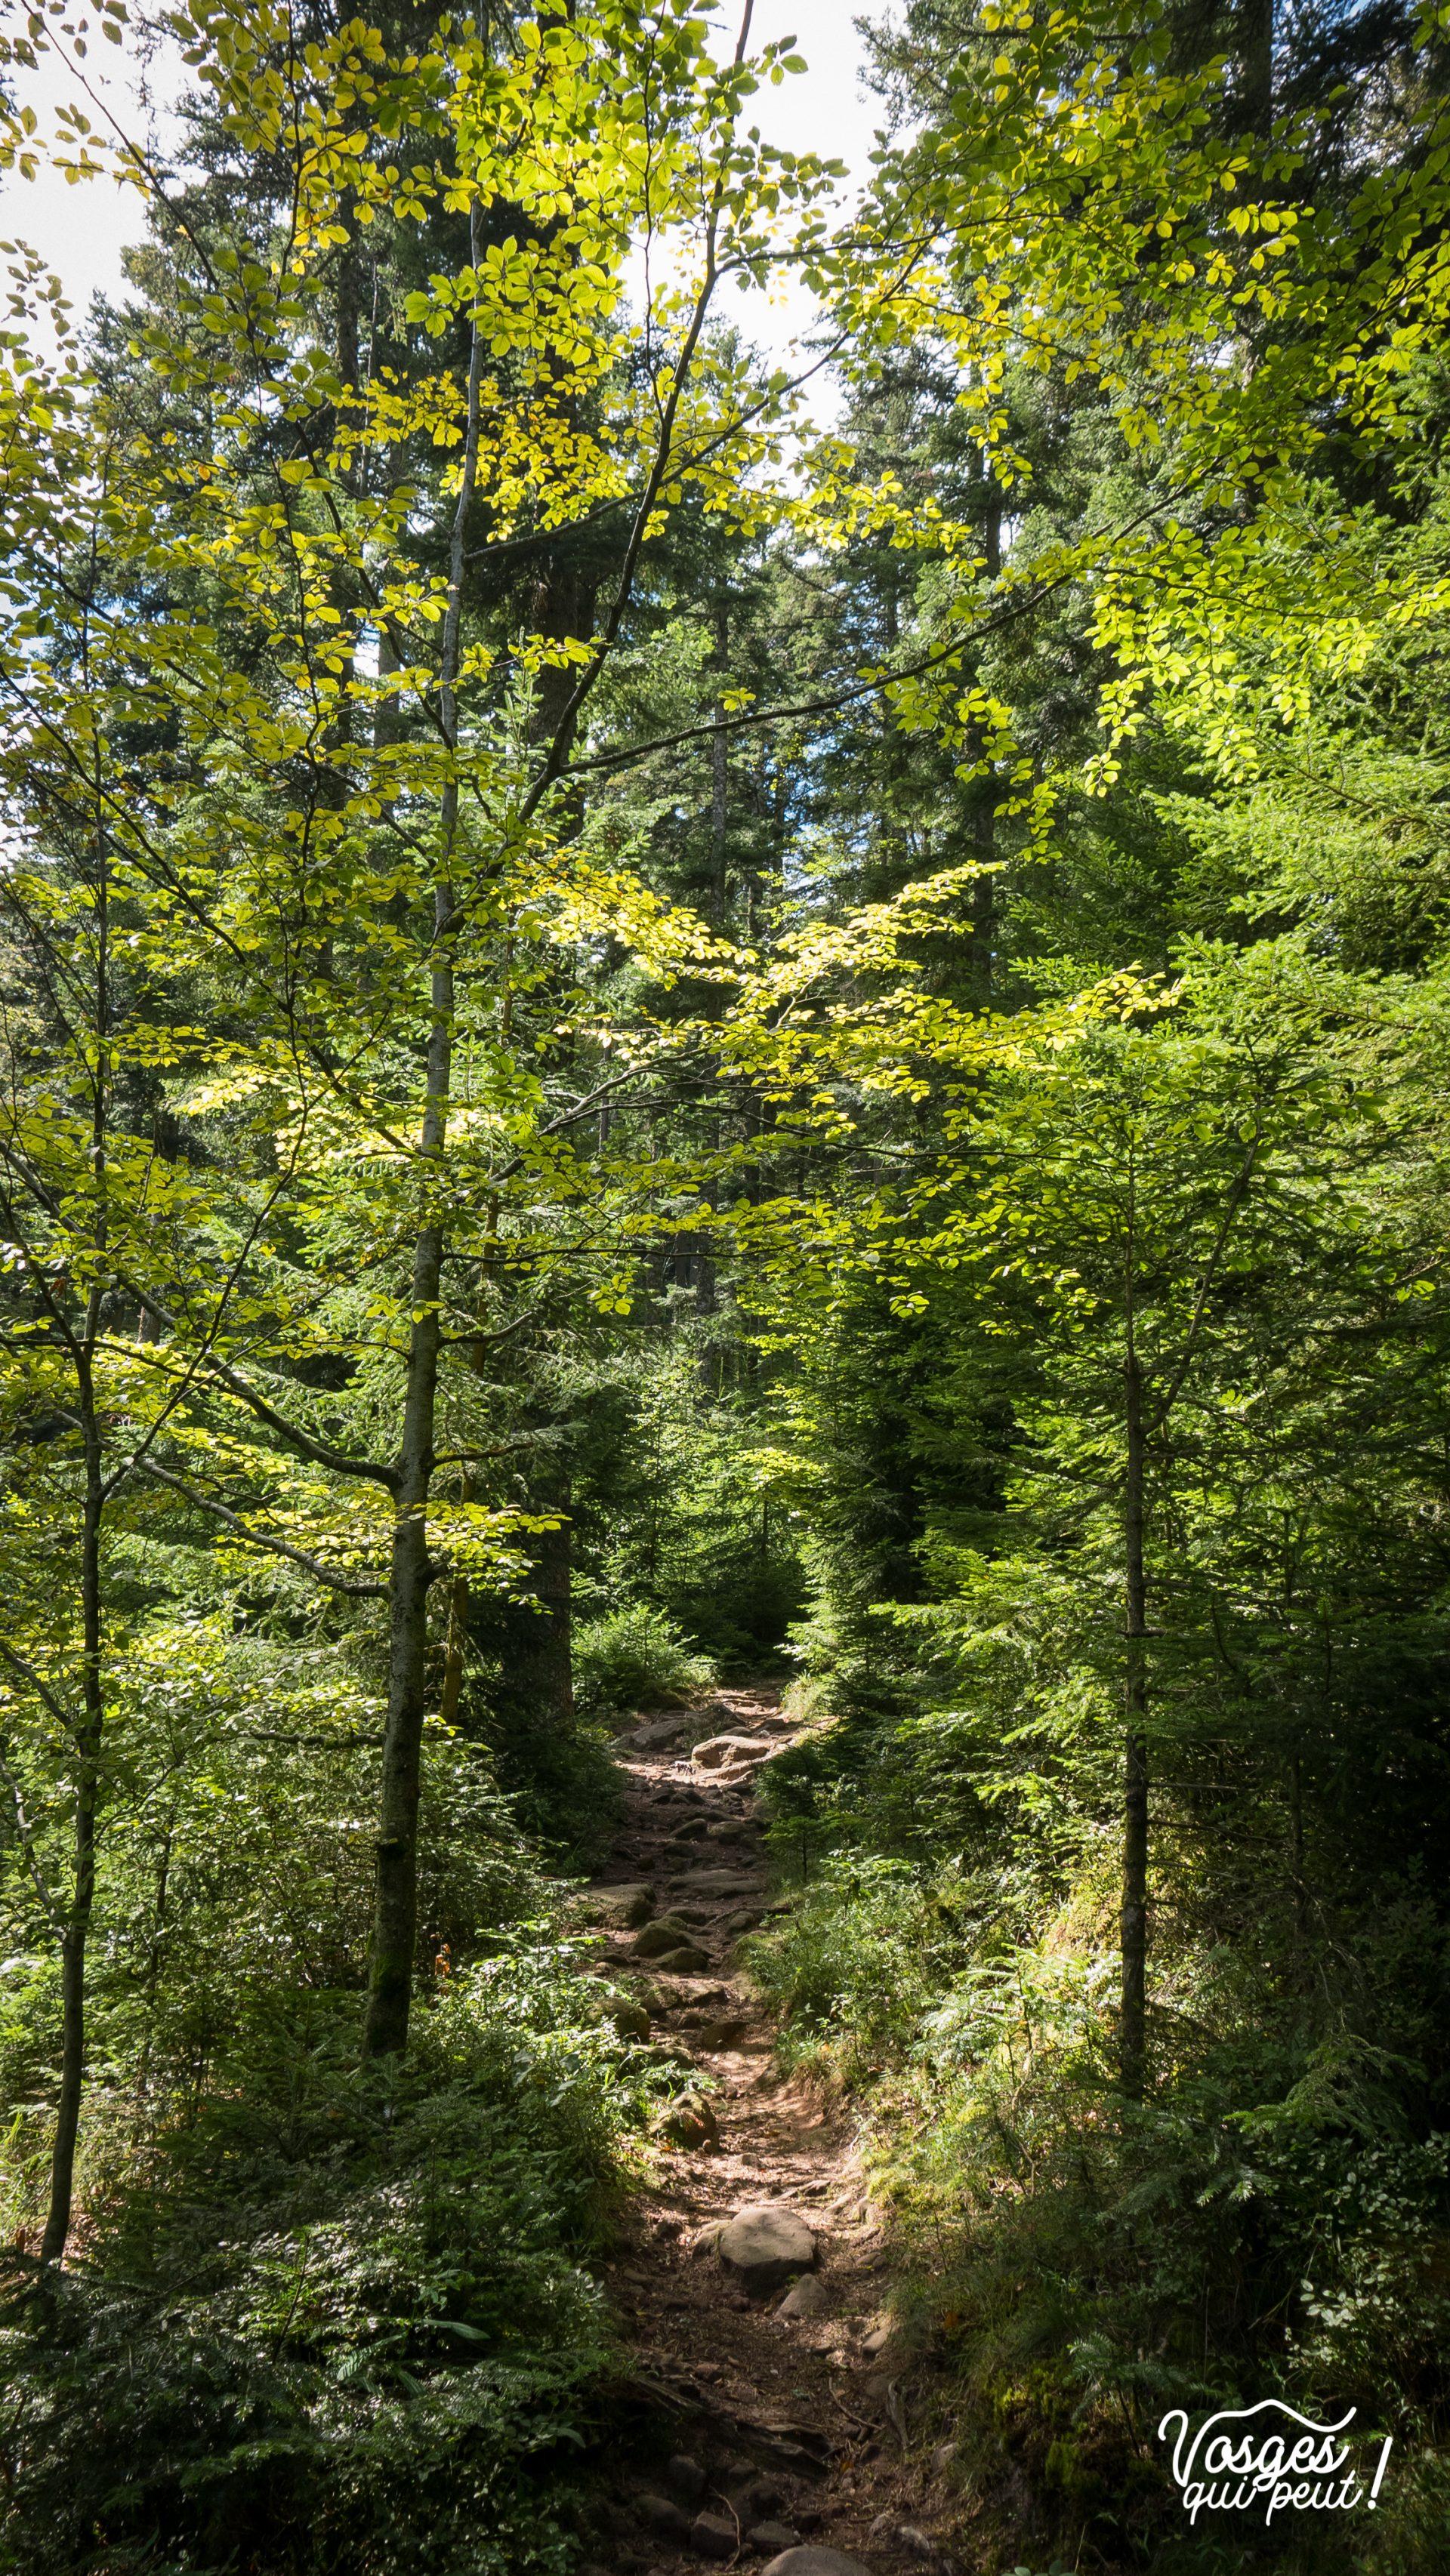 Un chemin de randonnée qui mène au château de Salm dans la vallée de la Bruche